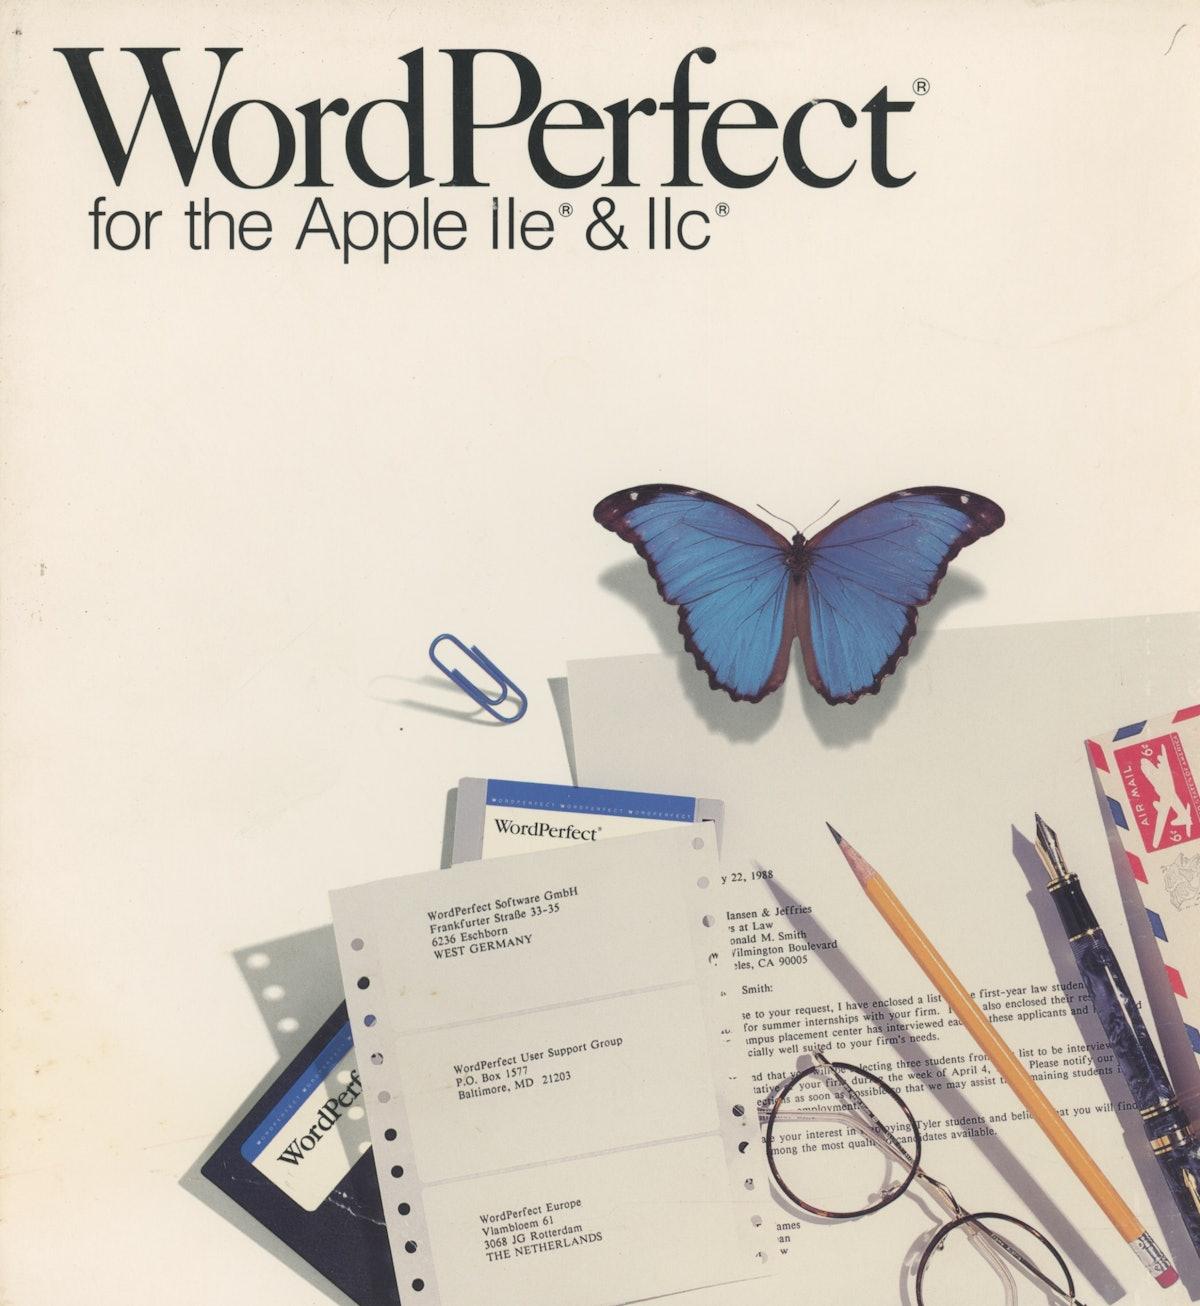 WordPerfect for the Apple IIe and IIc